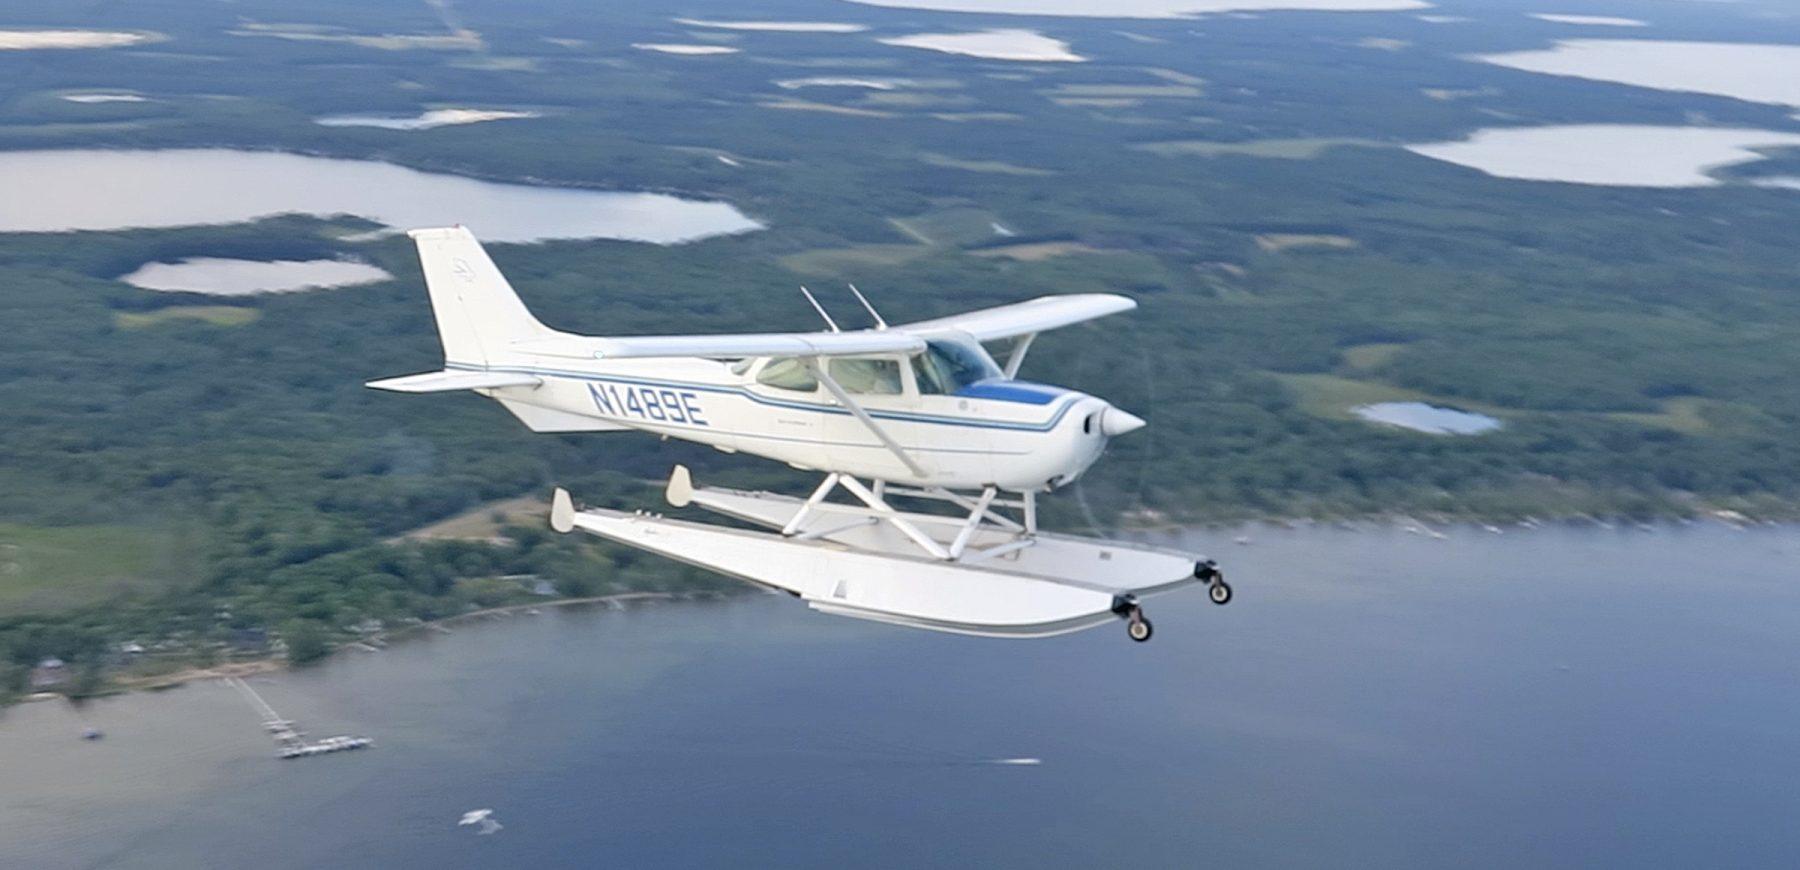 172 Amphib Seaplane in Flight